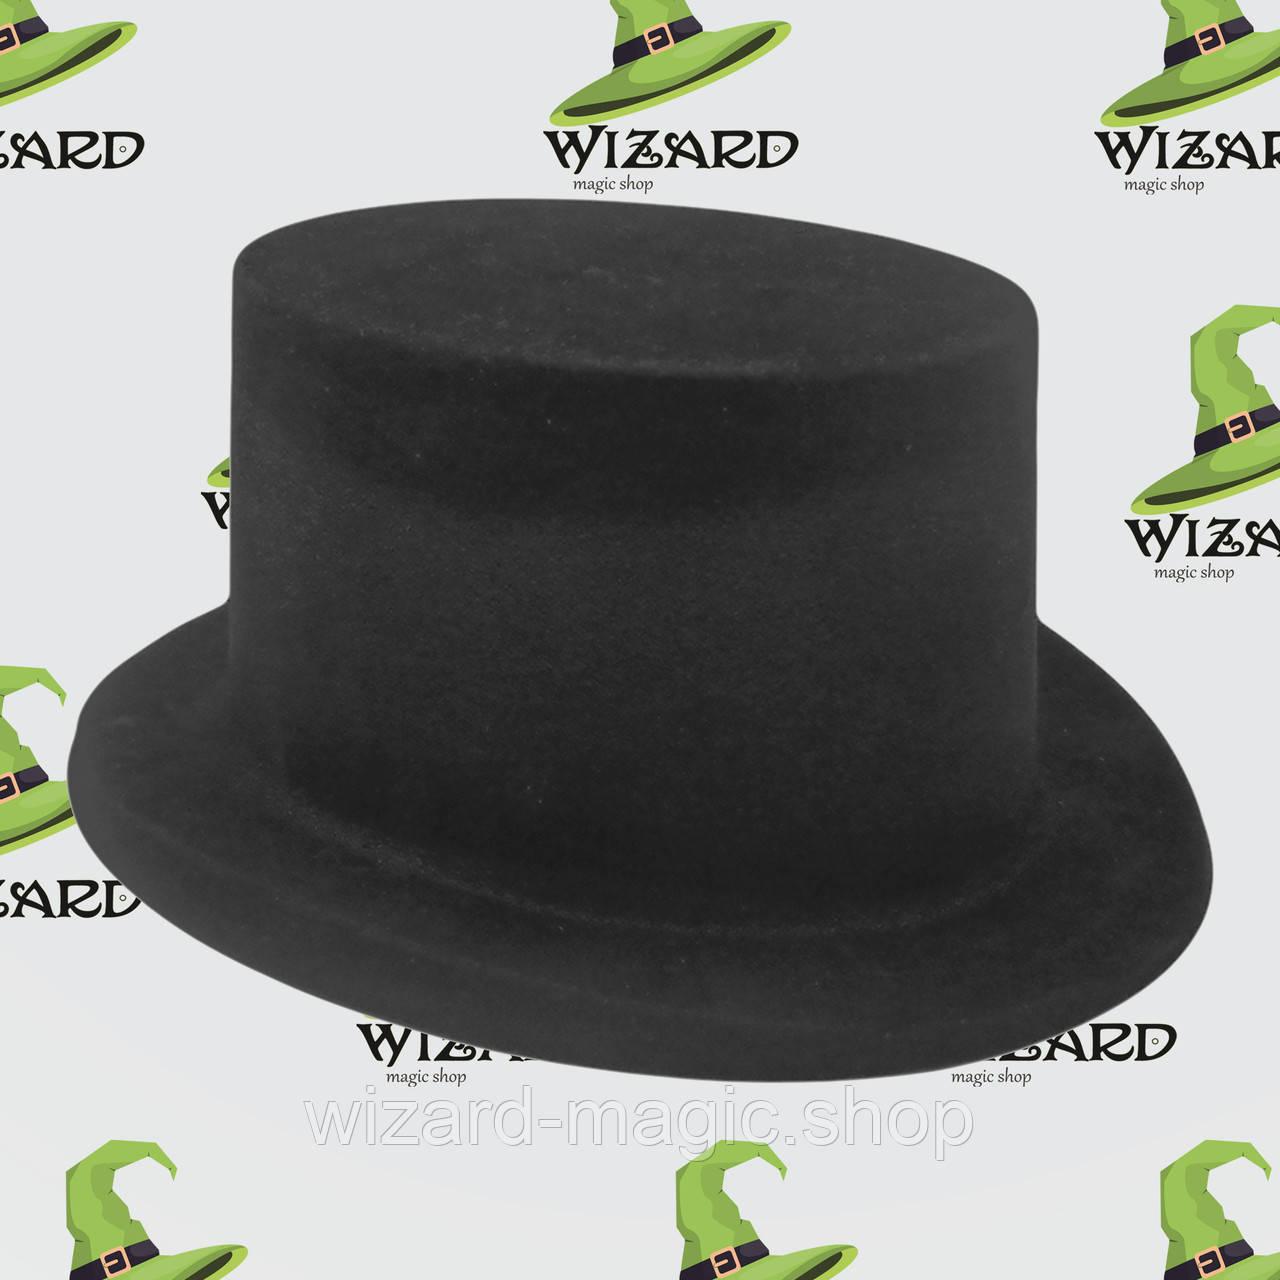 Шляпа детская Цилиндр флок  - Wizard Magic Shop в Харькове